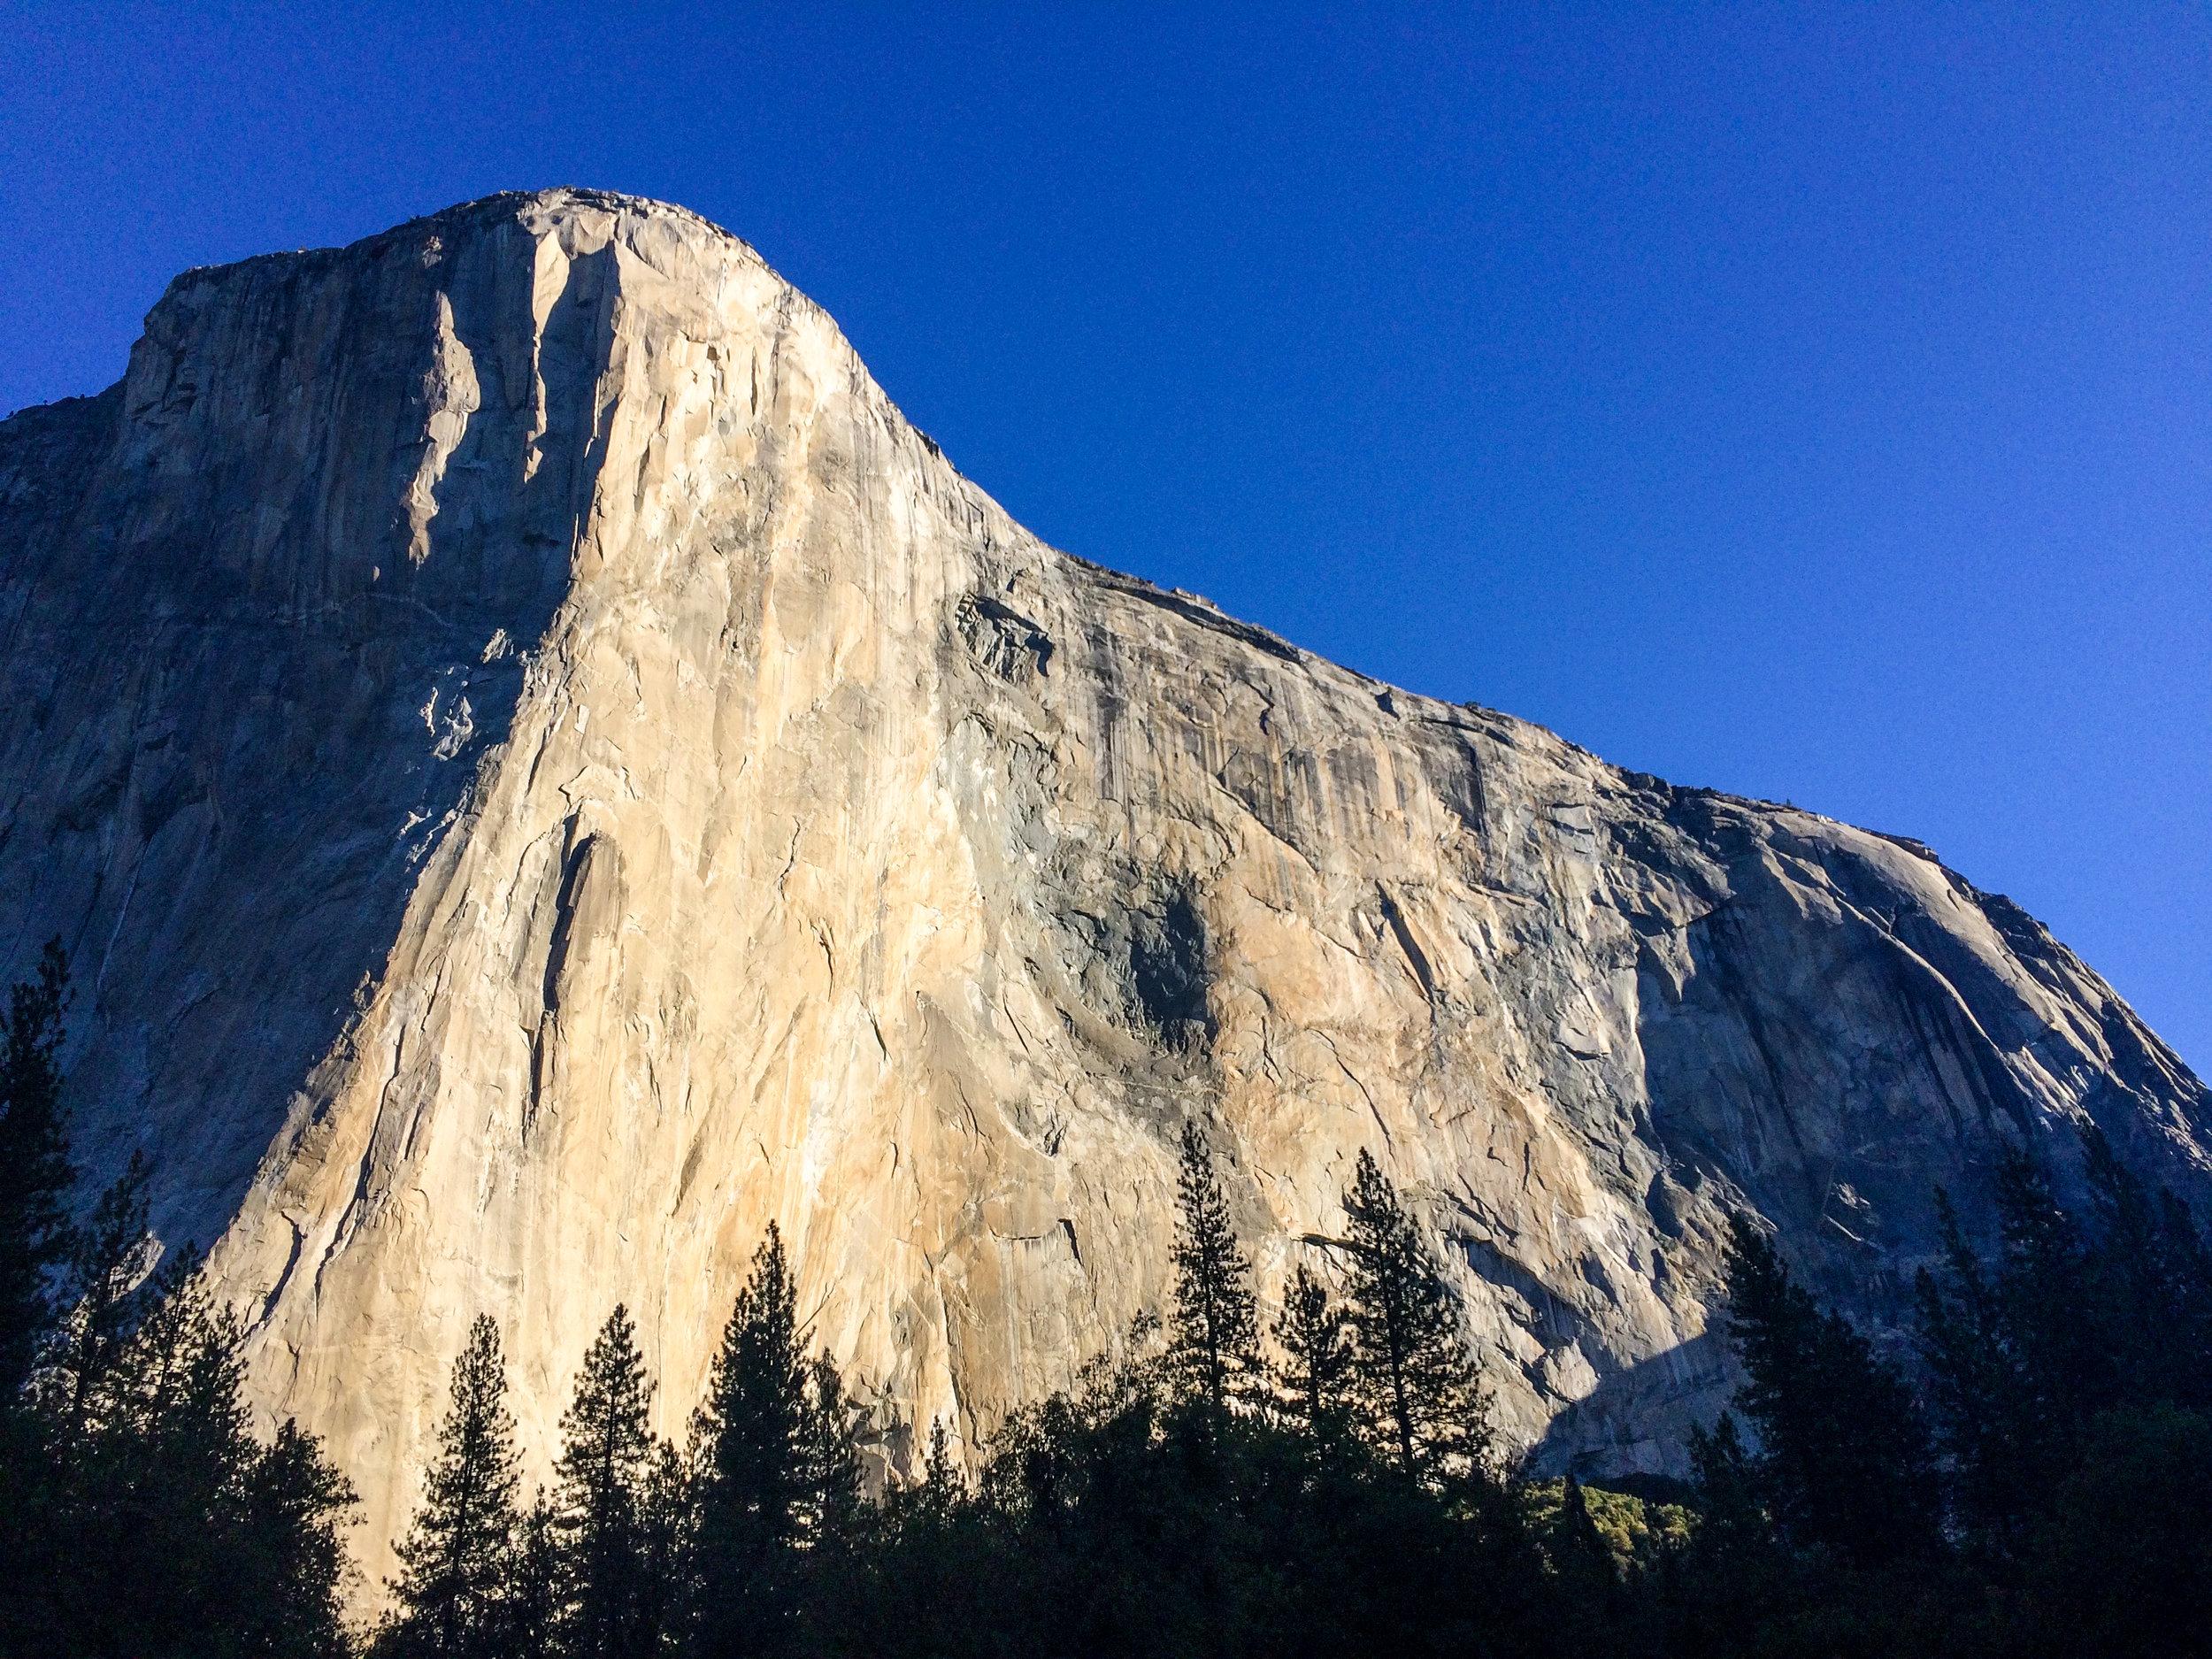 151002_Yosemite 092715_132.jpg